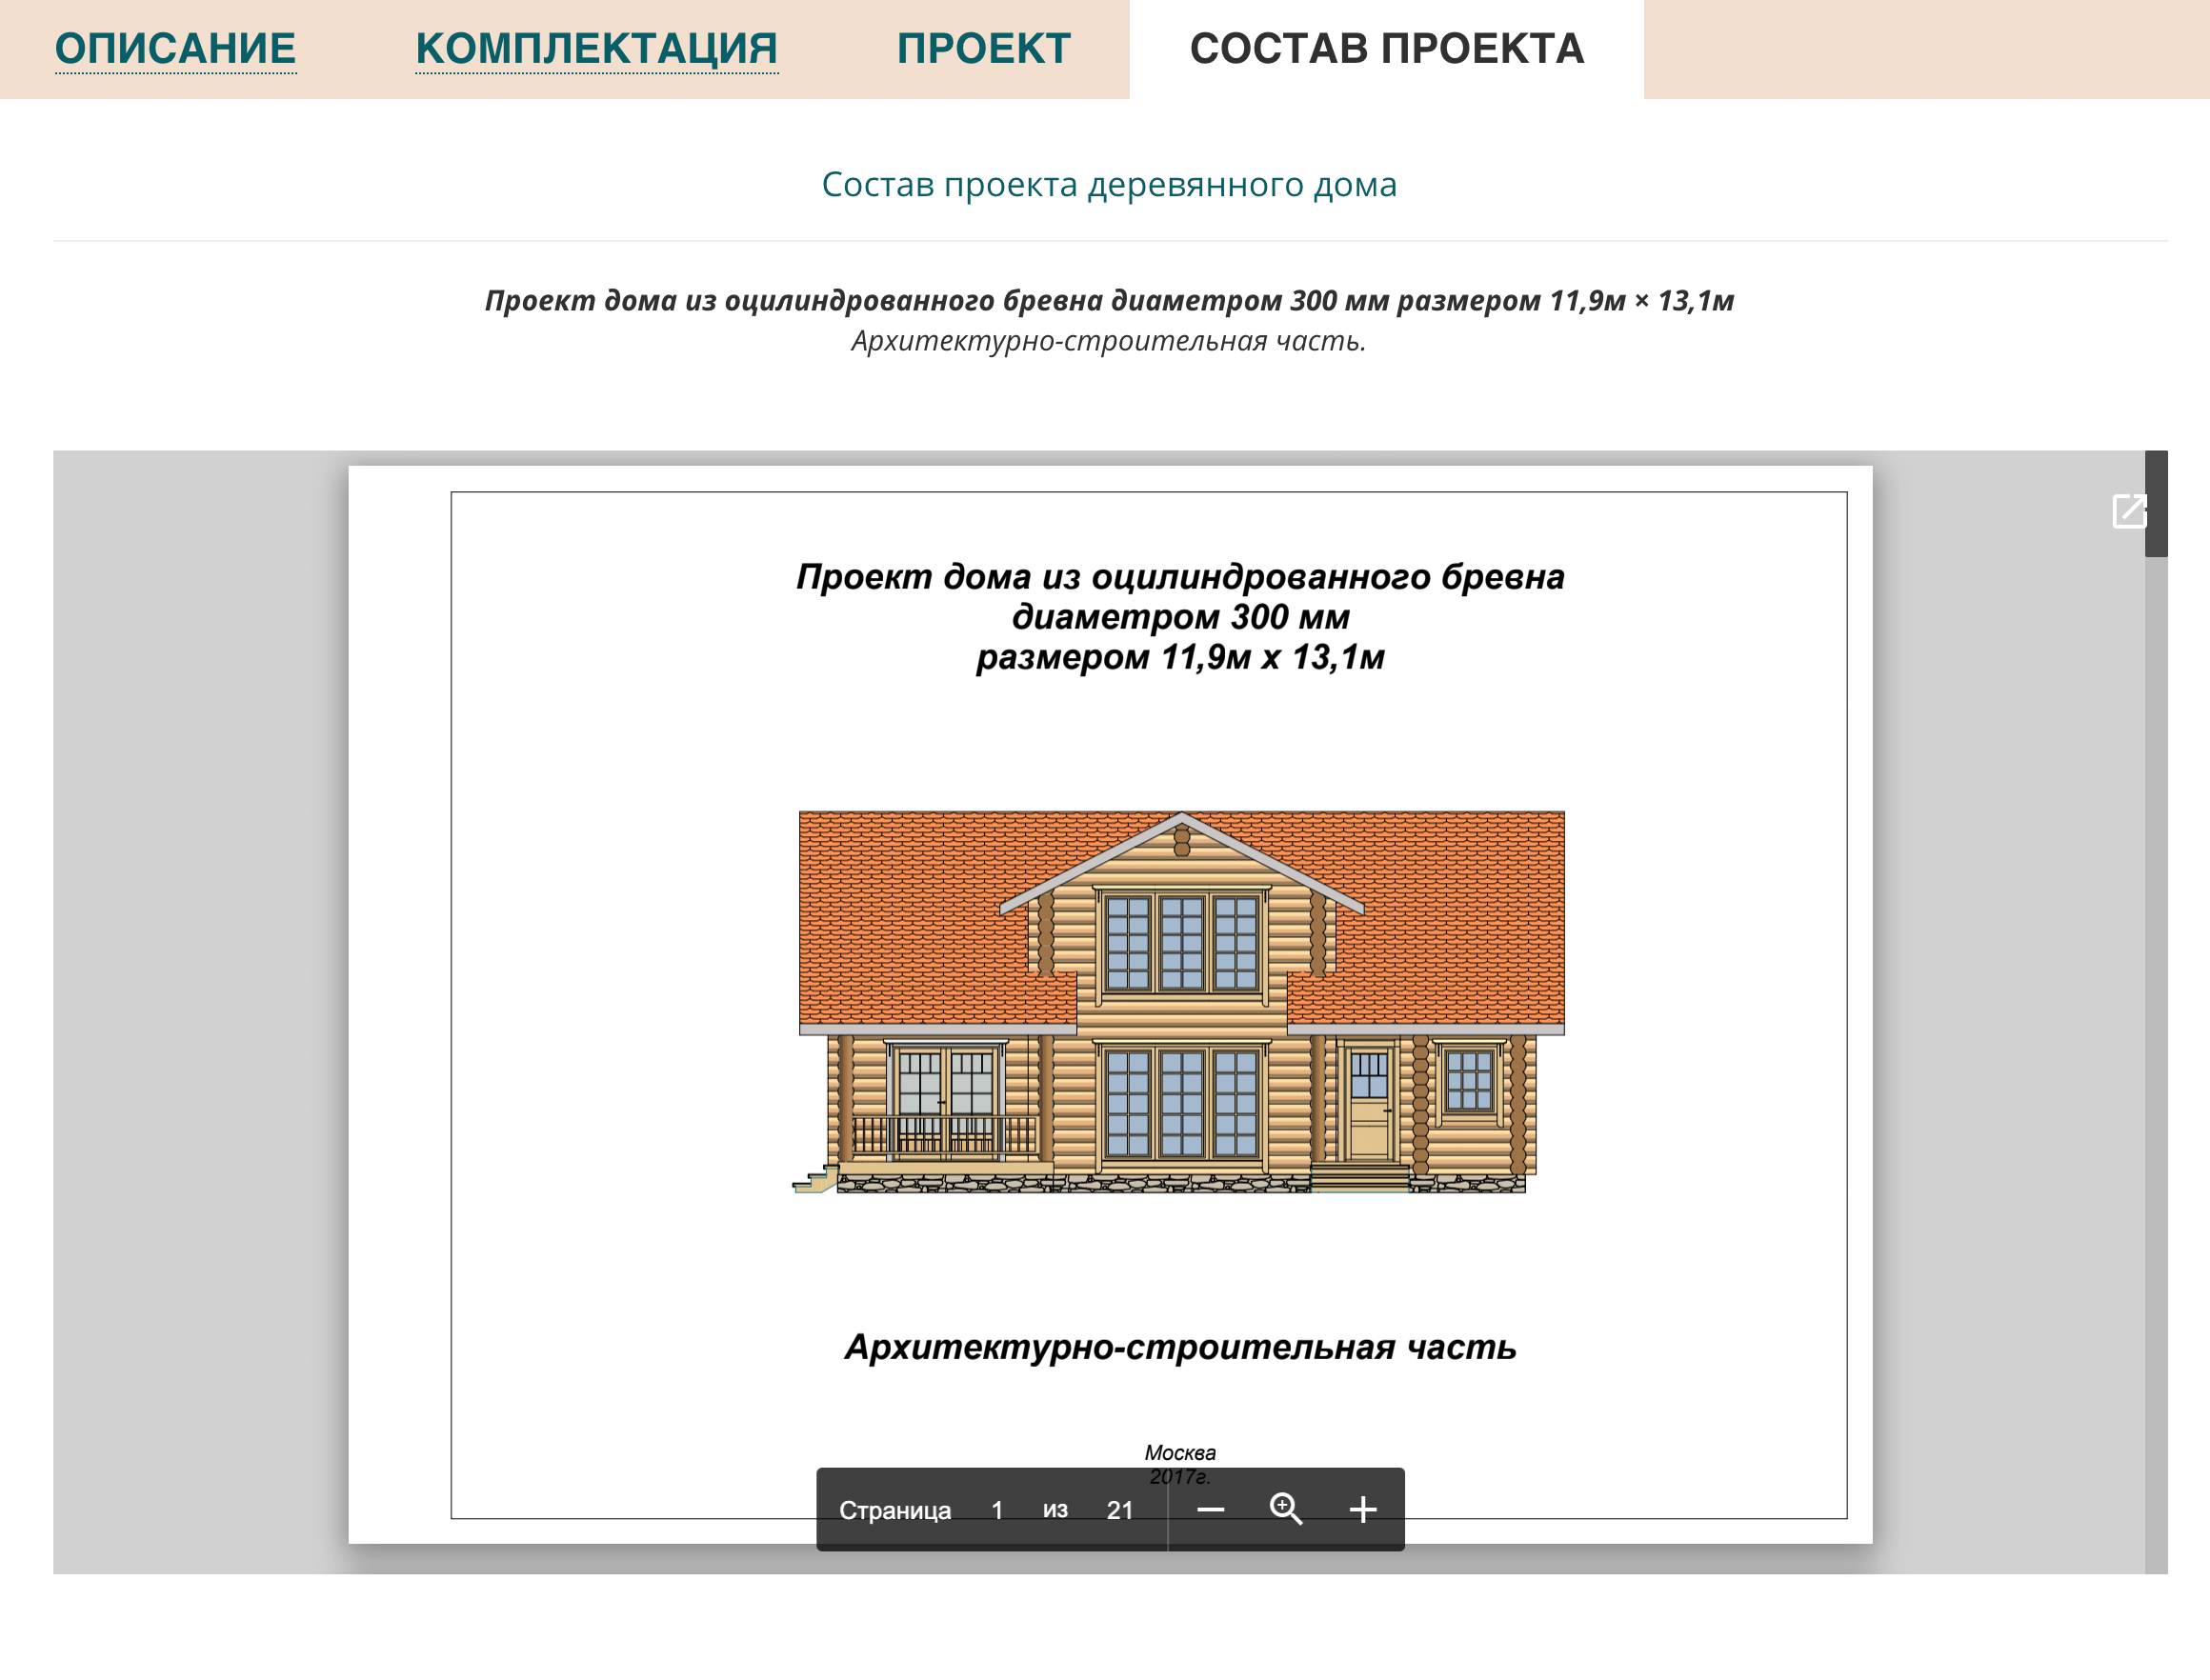 Шаблонный проект дома доступен на сайте. В наш проект внесли изменения